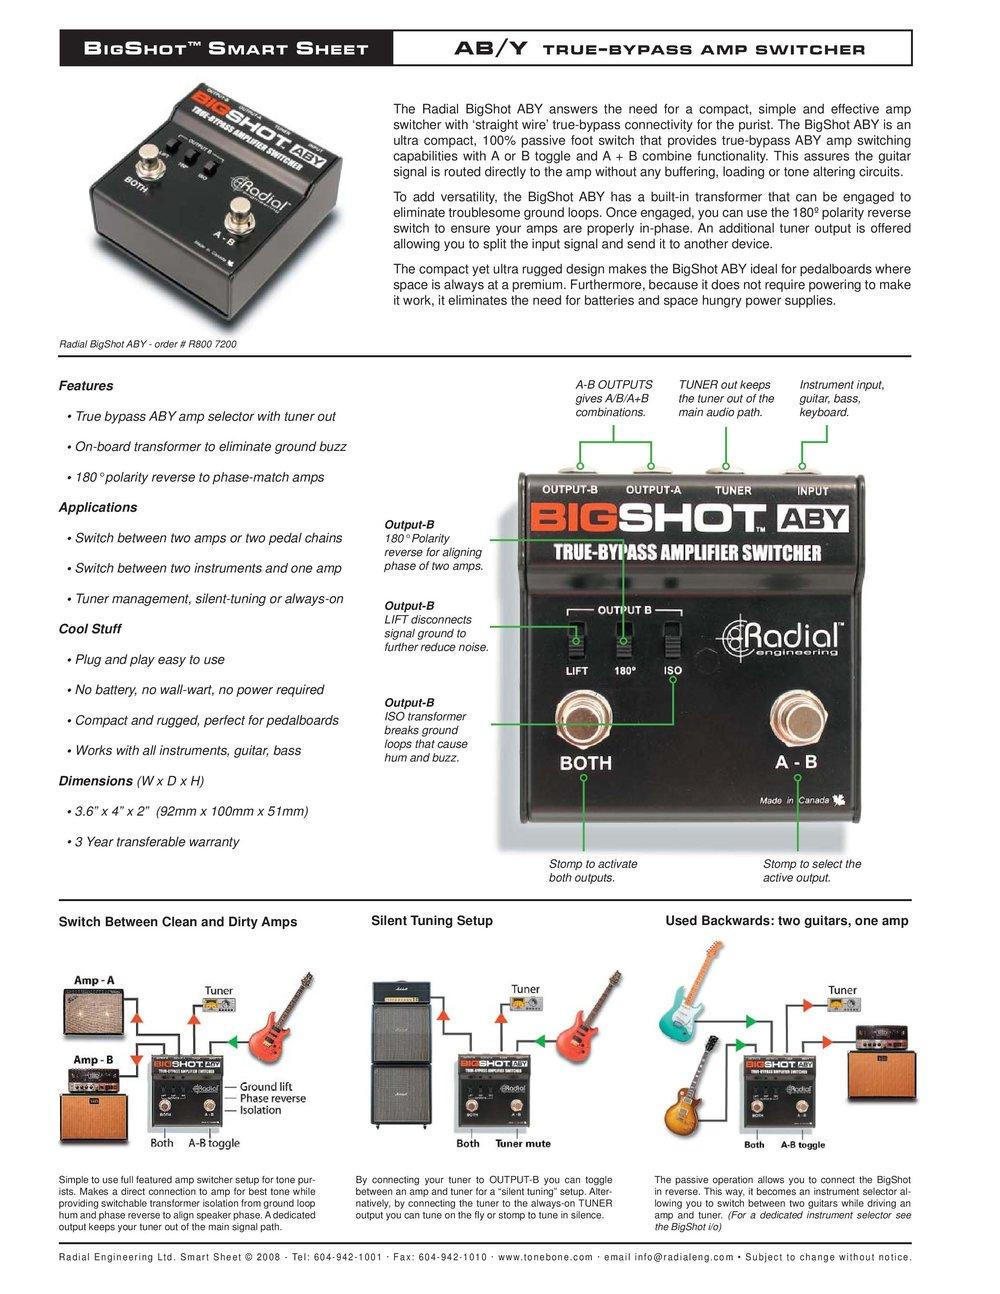 smartsheet-bigshot-aby-page-001.jpg